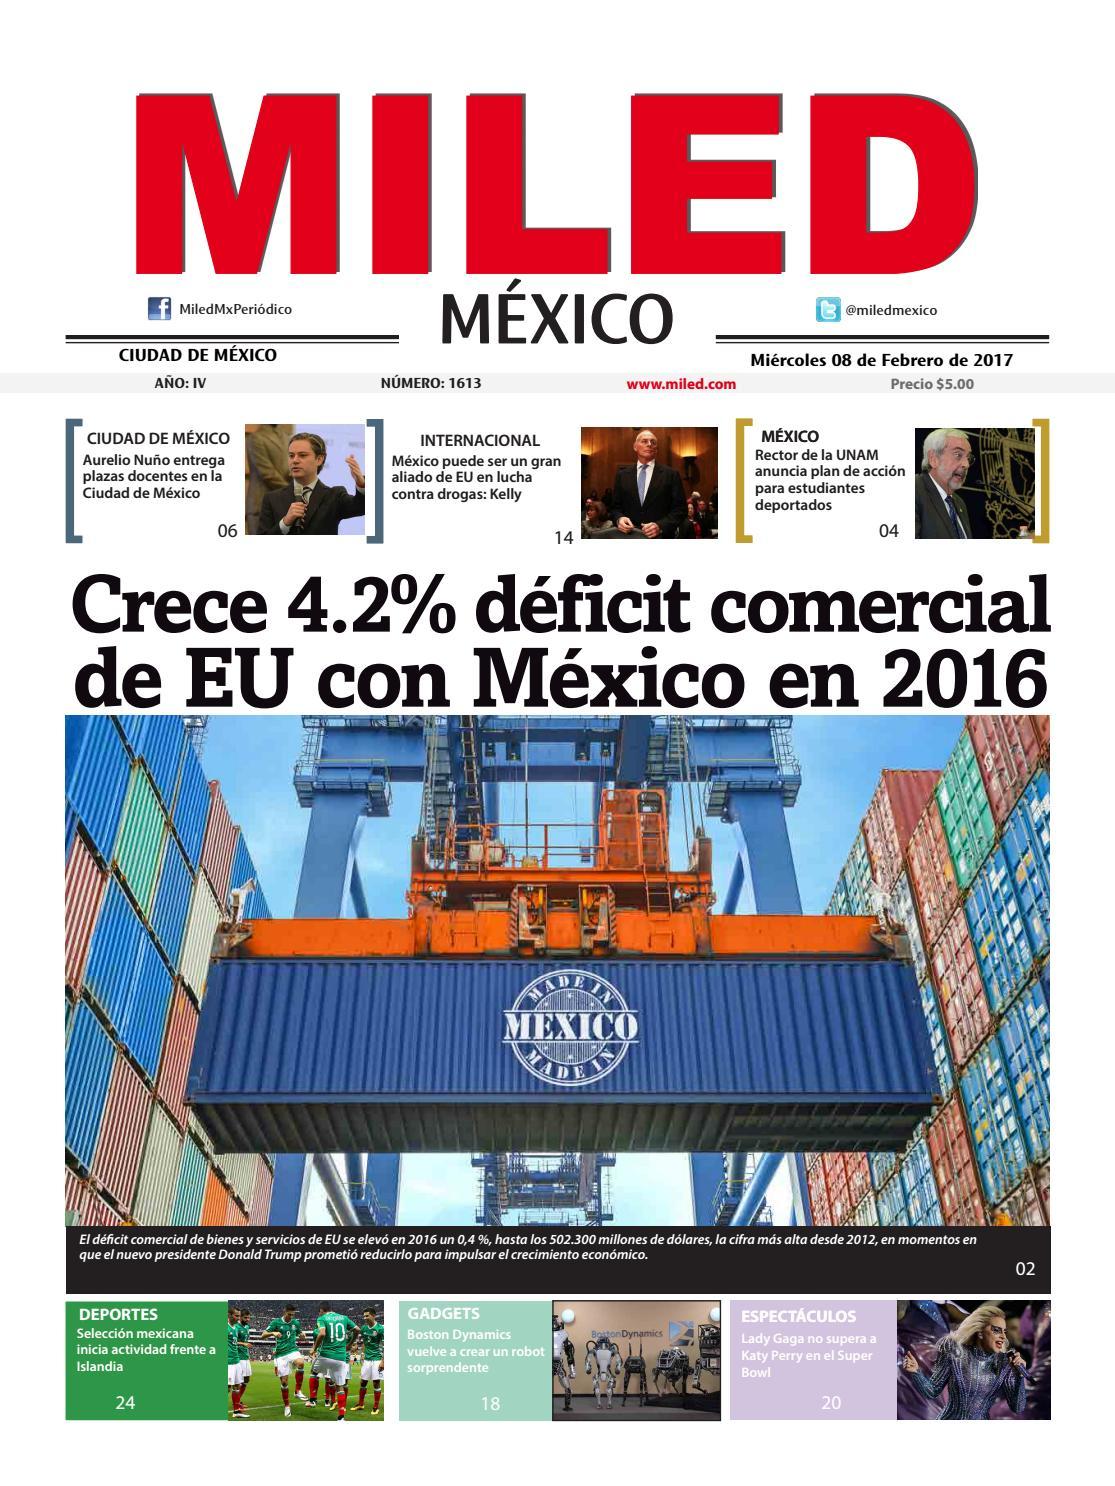 Miled México 08 02 17 by Grupo Miled - issuu